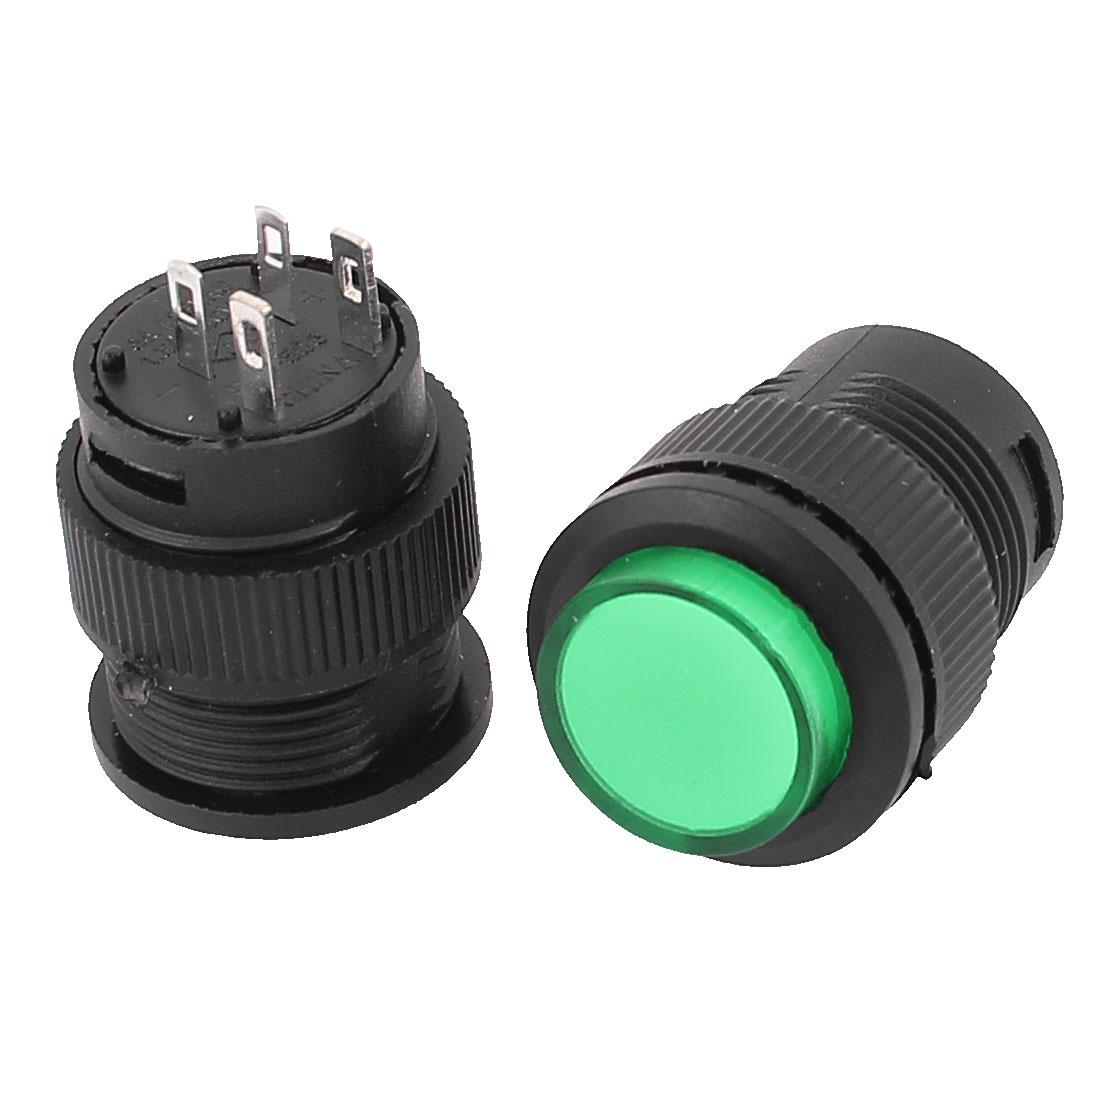 R16-503 AC 3A 125V / 1.5A 250V 4 Pin Terminals Latching Green LED Indicator Light